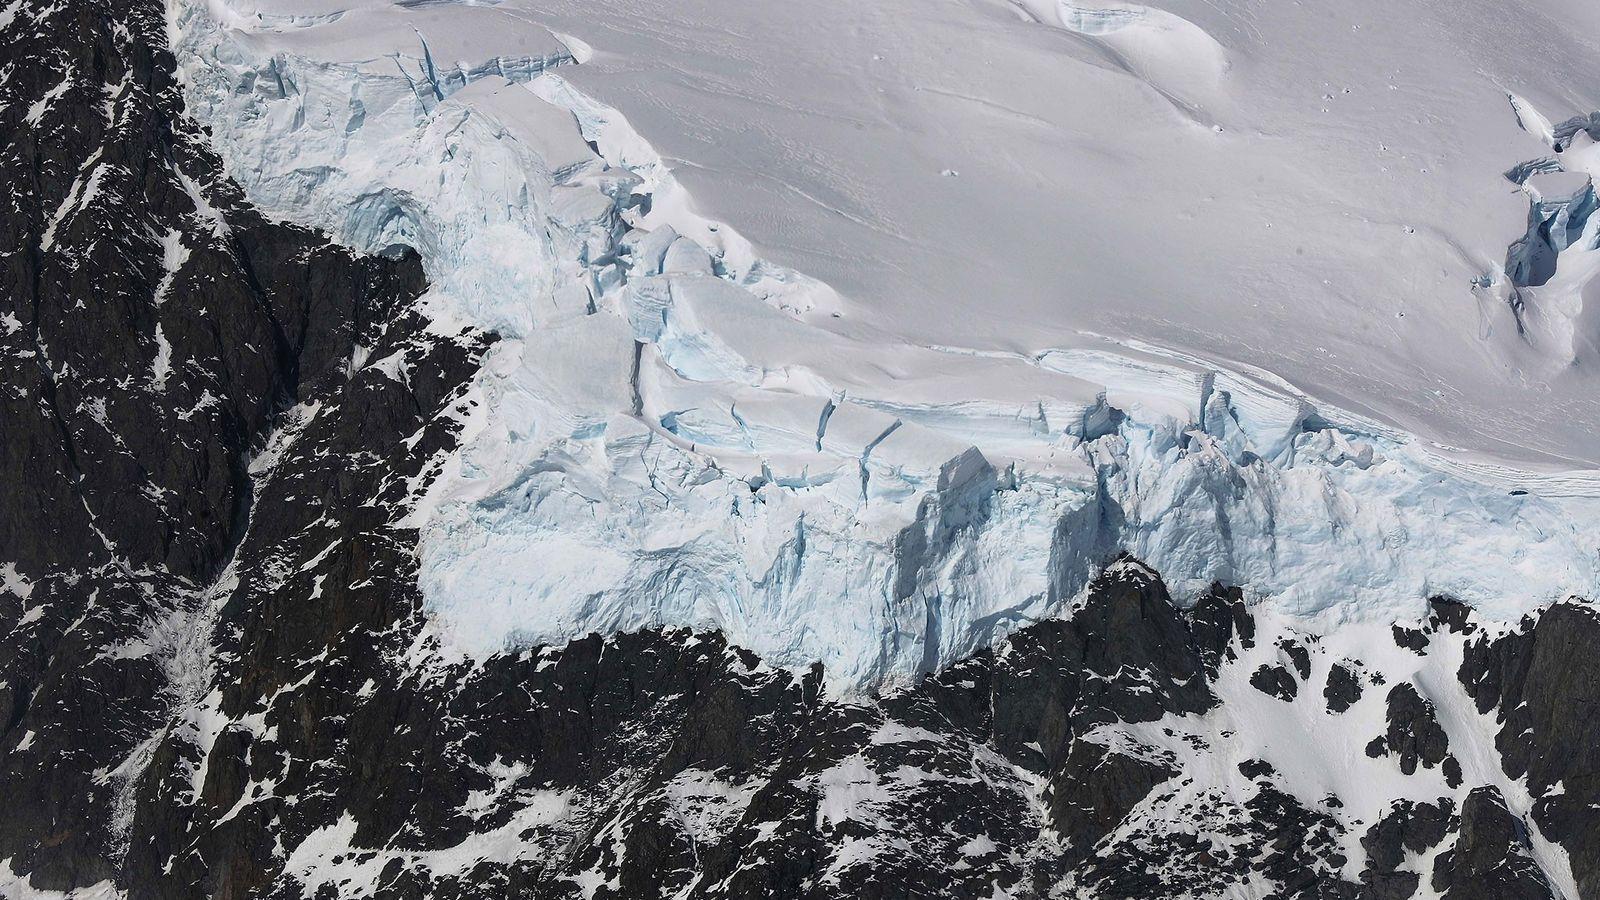 El hielo se une a las rocas en la Península Antártica en una imagen tomada por ...